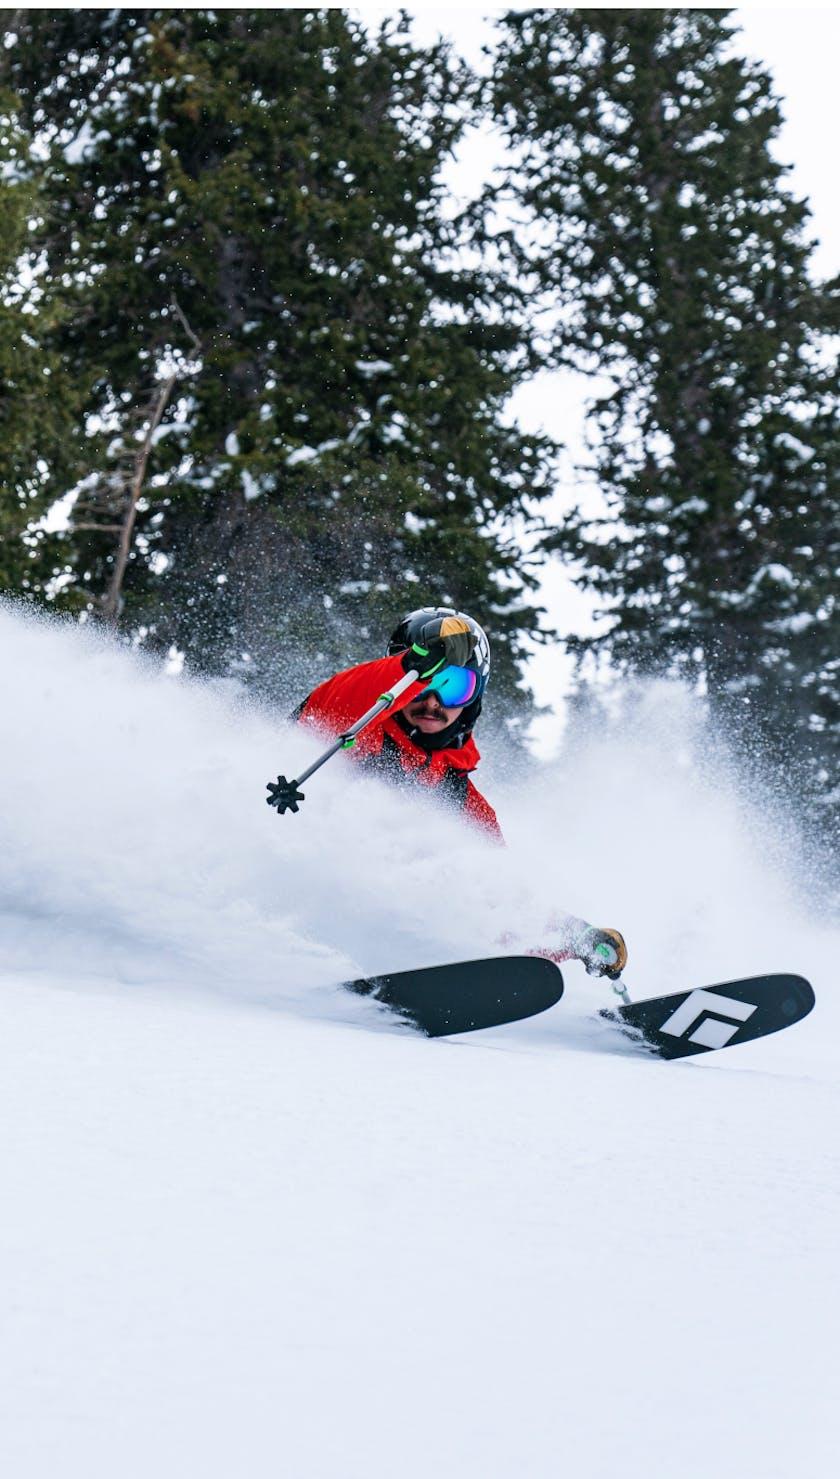 Black Diamond Ambassador Turner Petersen skiing the Impulse 112 Skis.